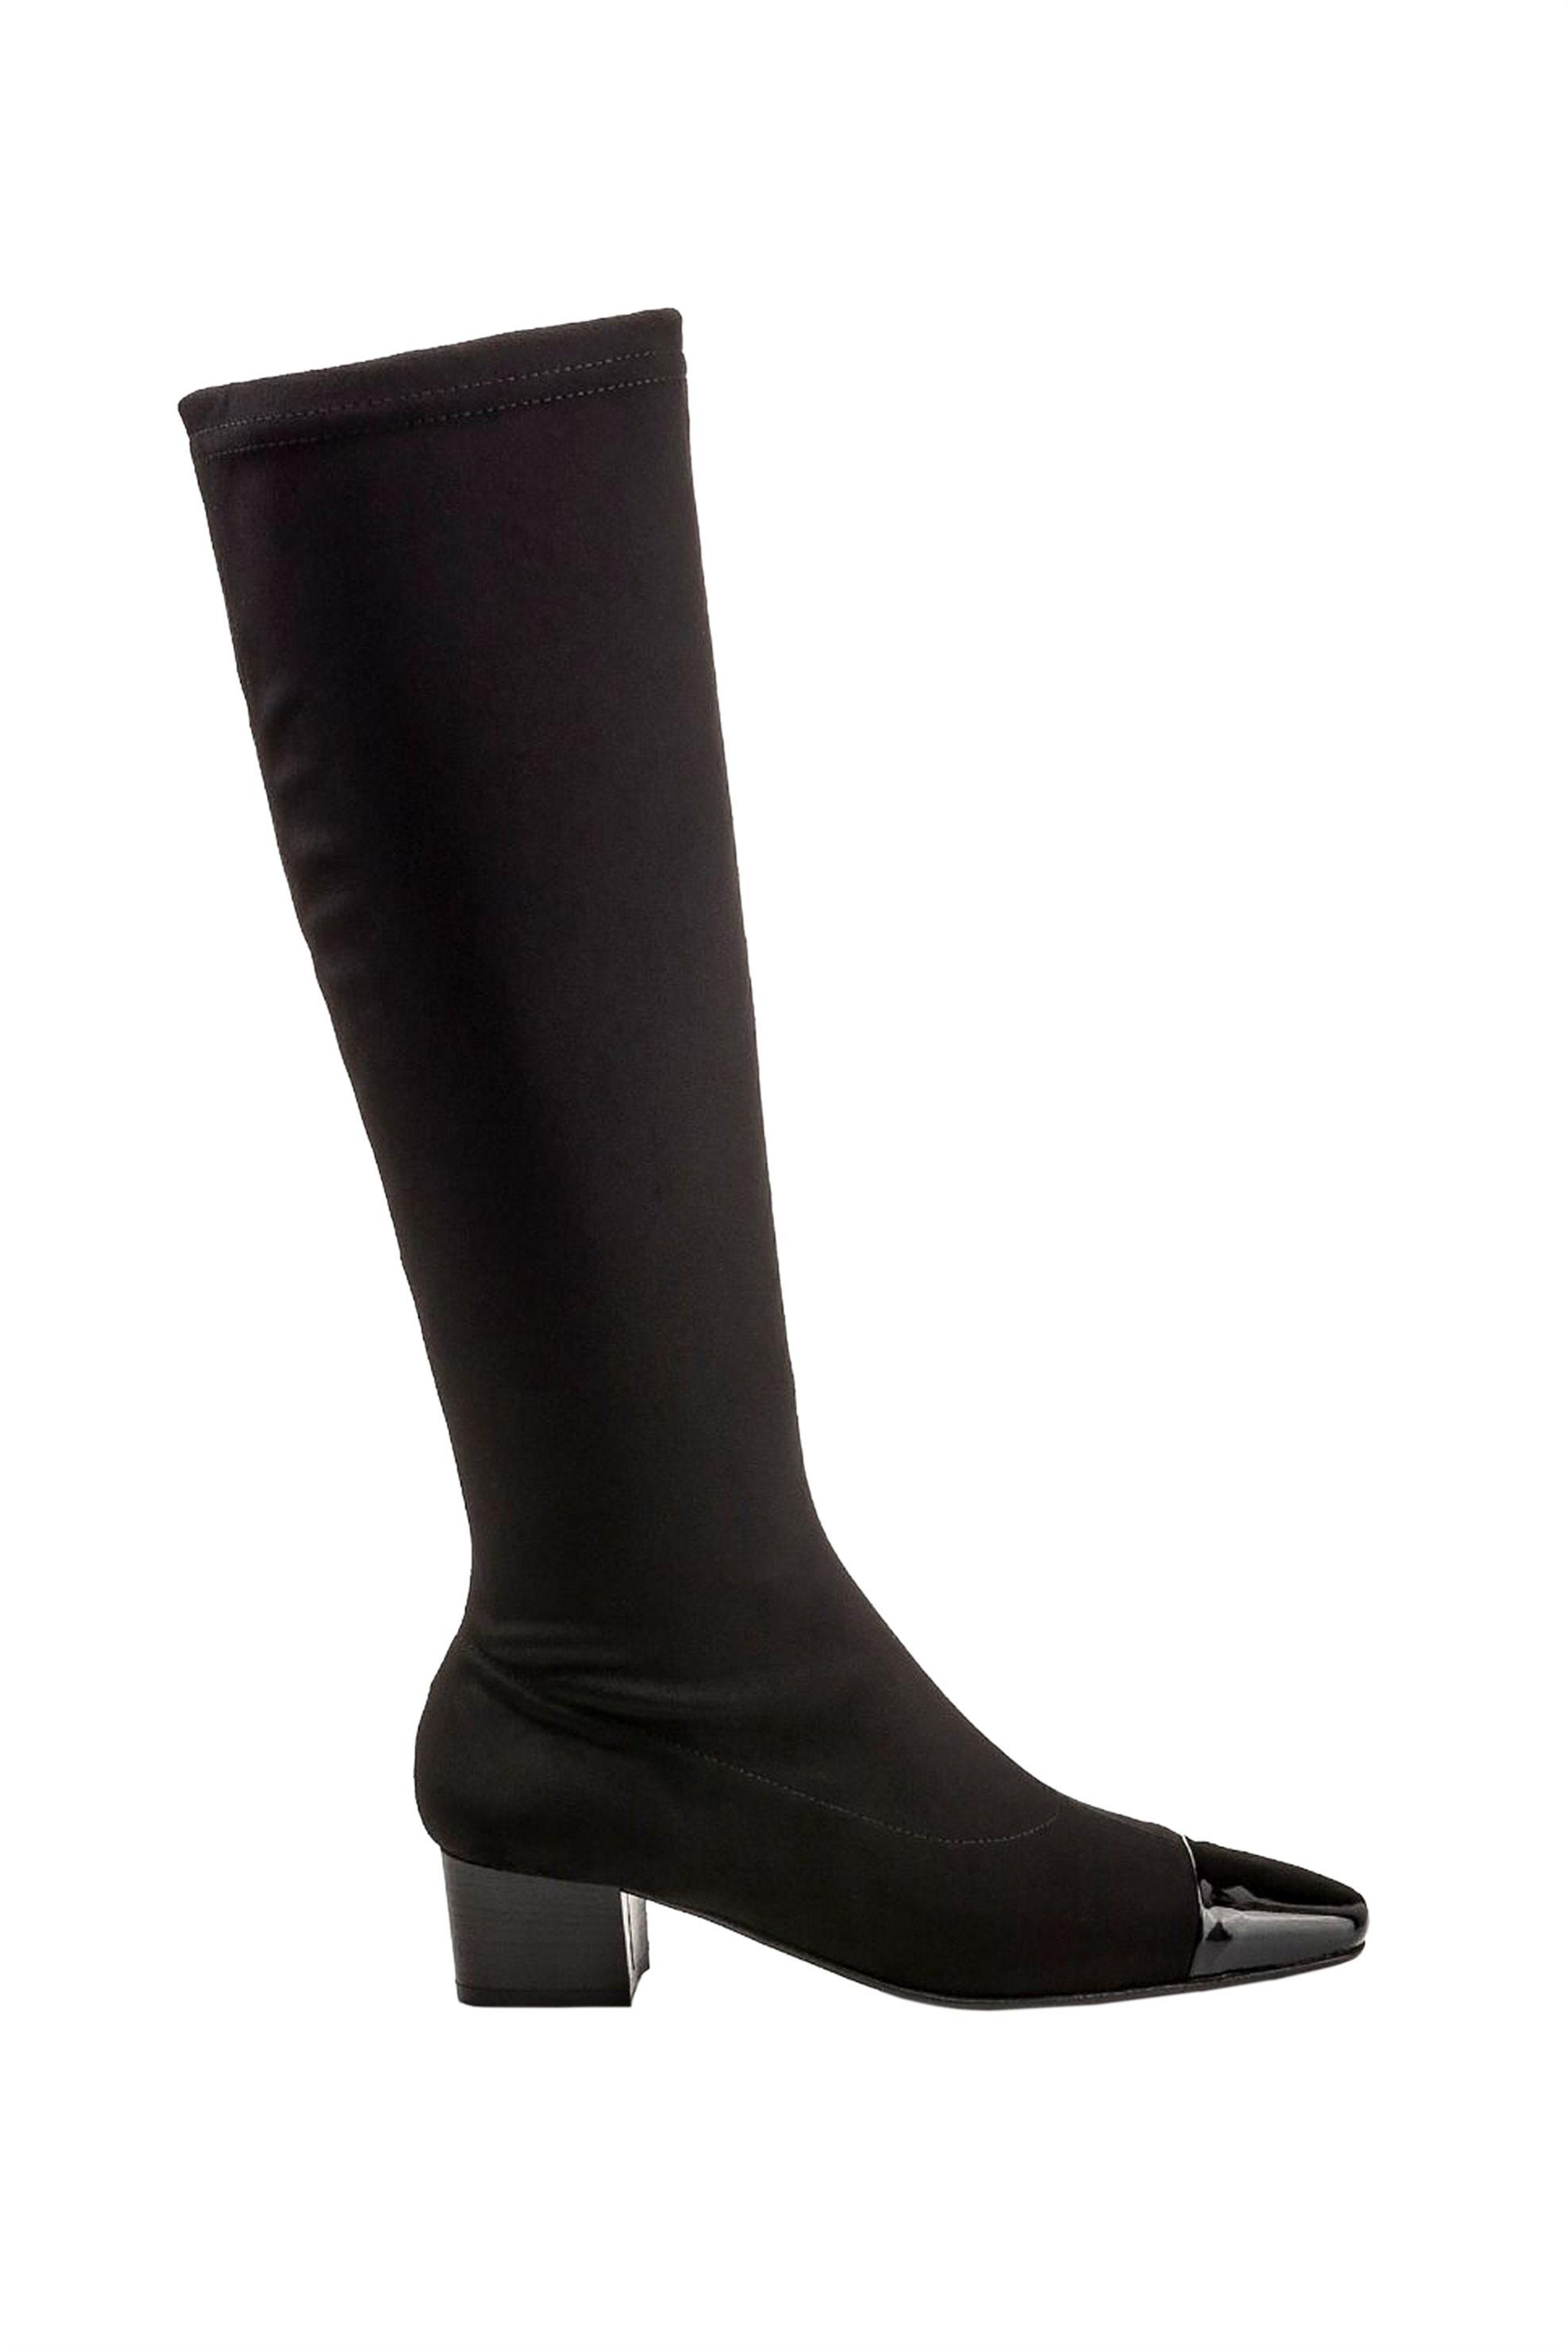 NAK γυναικείες μπότες με λουστρίνι λεπτομέρεια – 218483-MIKOL – Μαύρο